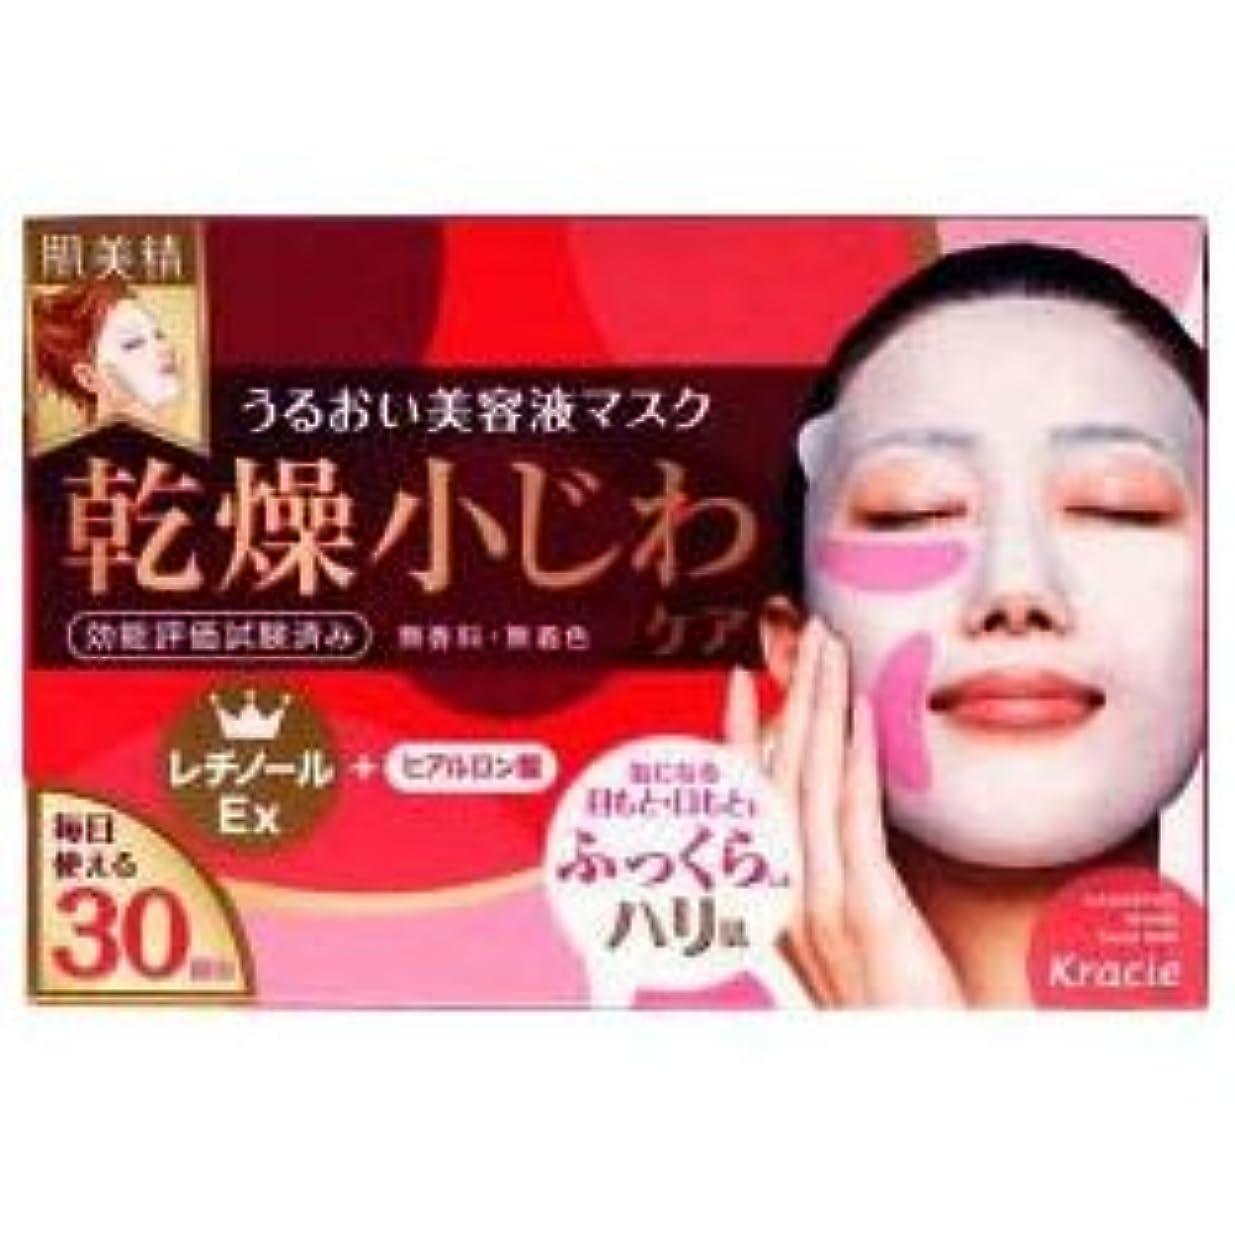 読書汚染意気込み【クラシエ】肌美精 デイリーリンクルケア美容液マスク 30枚 ×20個セット